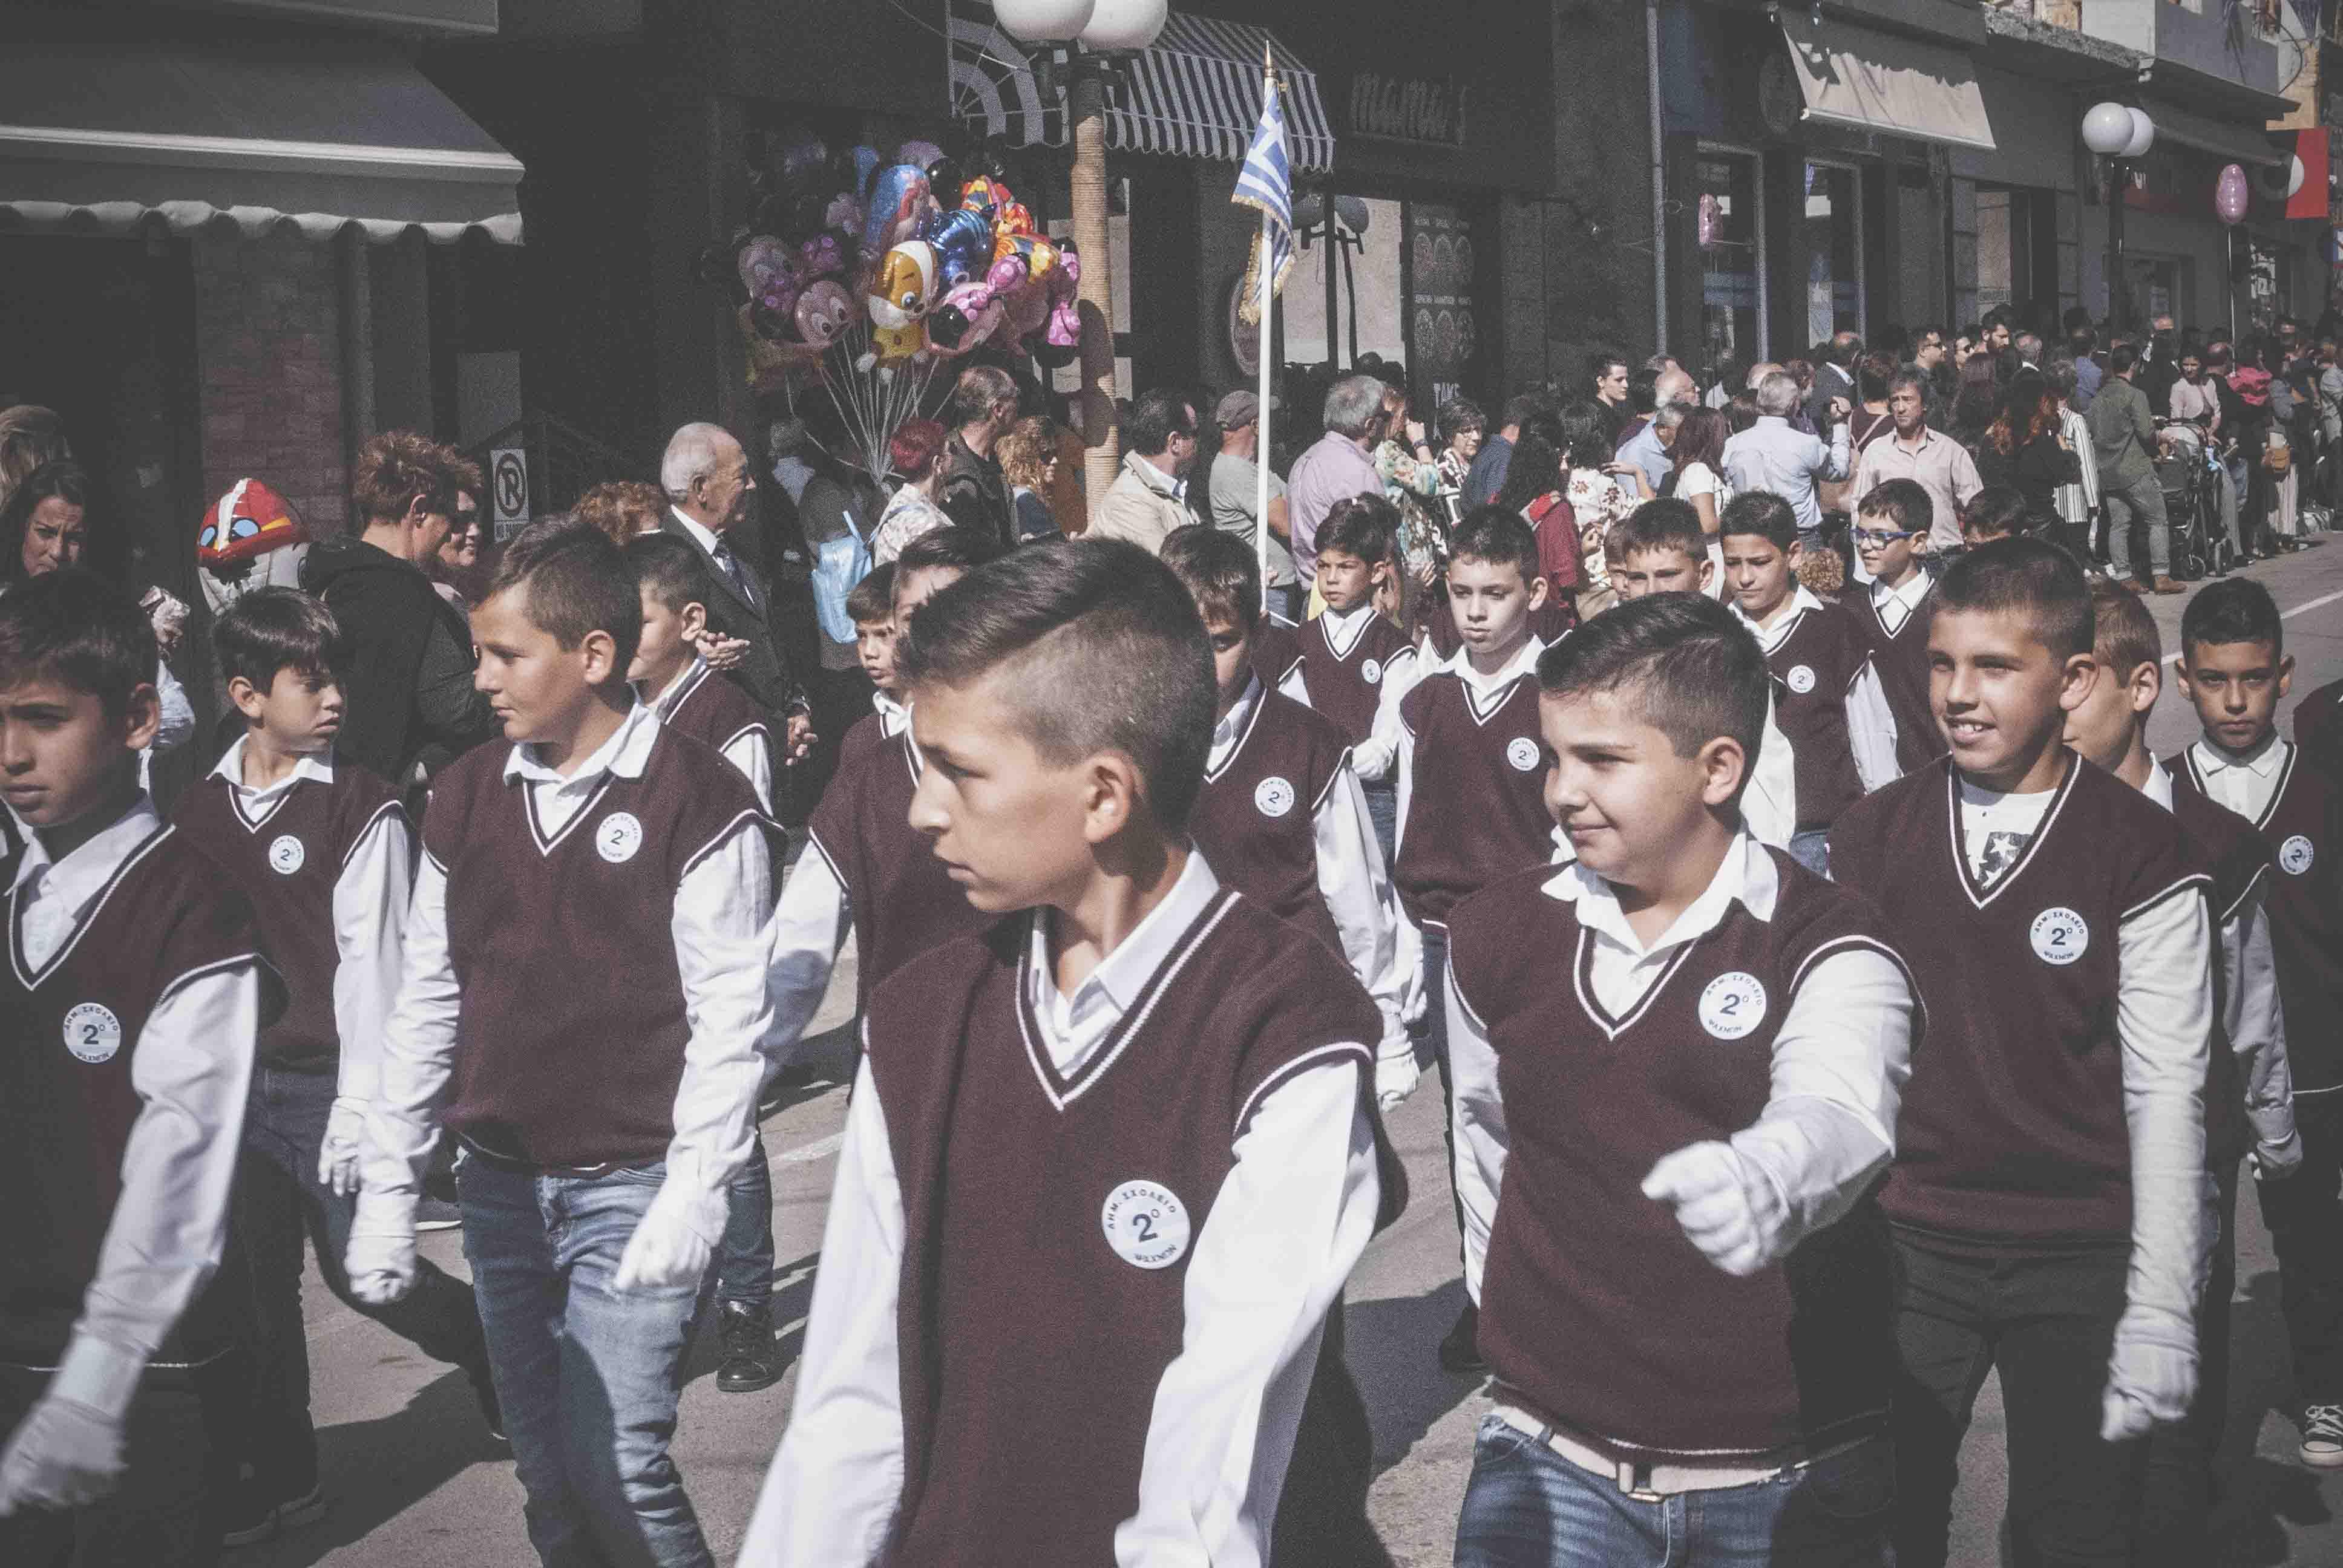 Φωτογραφικό υλικό από την παρέλαση στα Ψαχνά DSC 0375  Η παρέλαση της 28ης Οκτωβρίου σε Καστέλλα και Ψαχνά (φωτό) DSC 0375